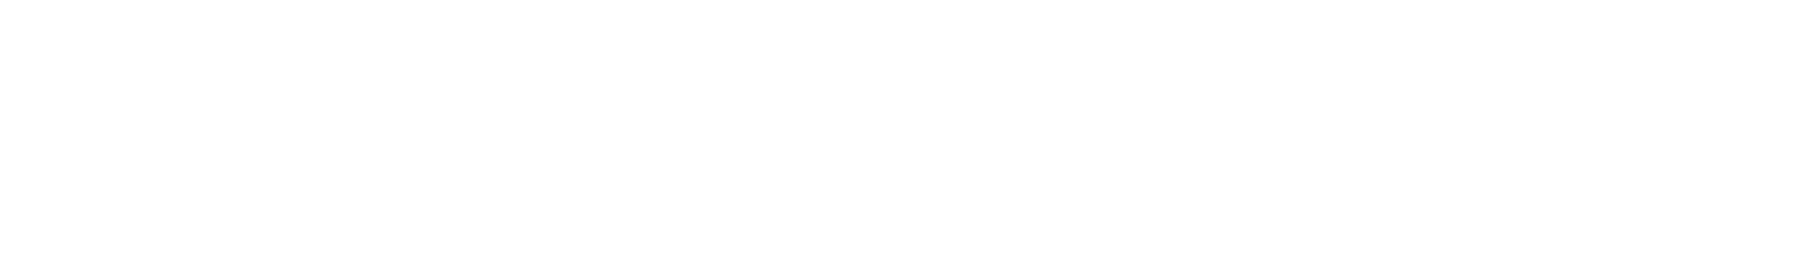 ehp synloop 130 filterfreak a